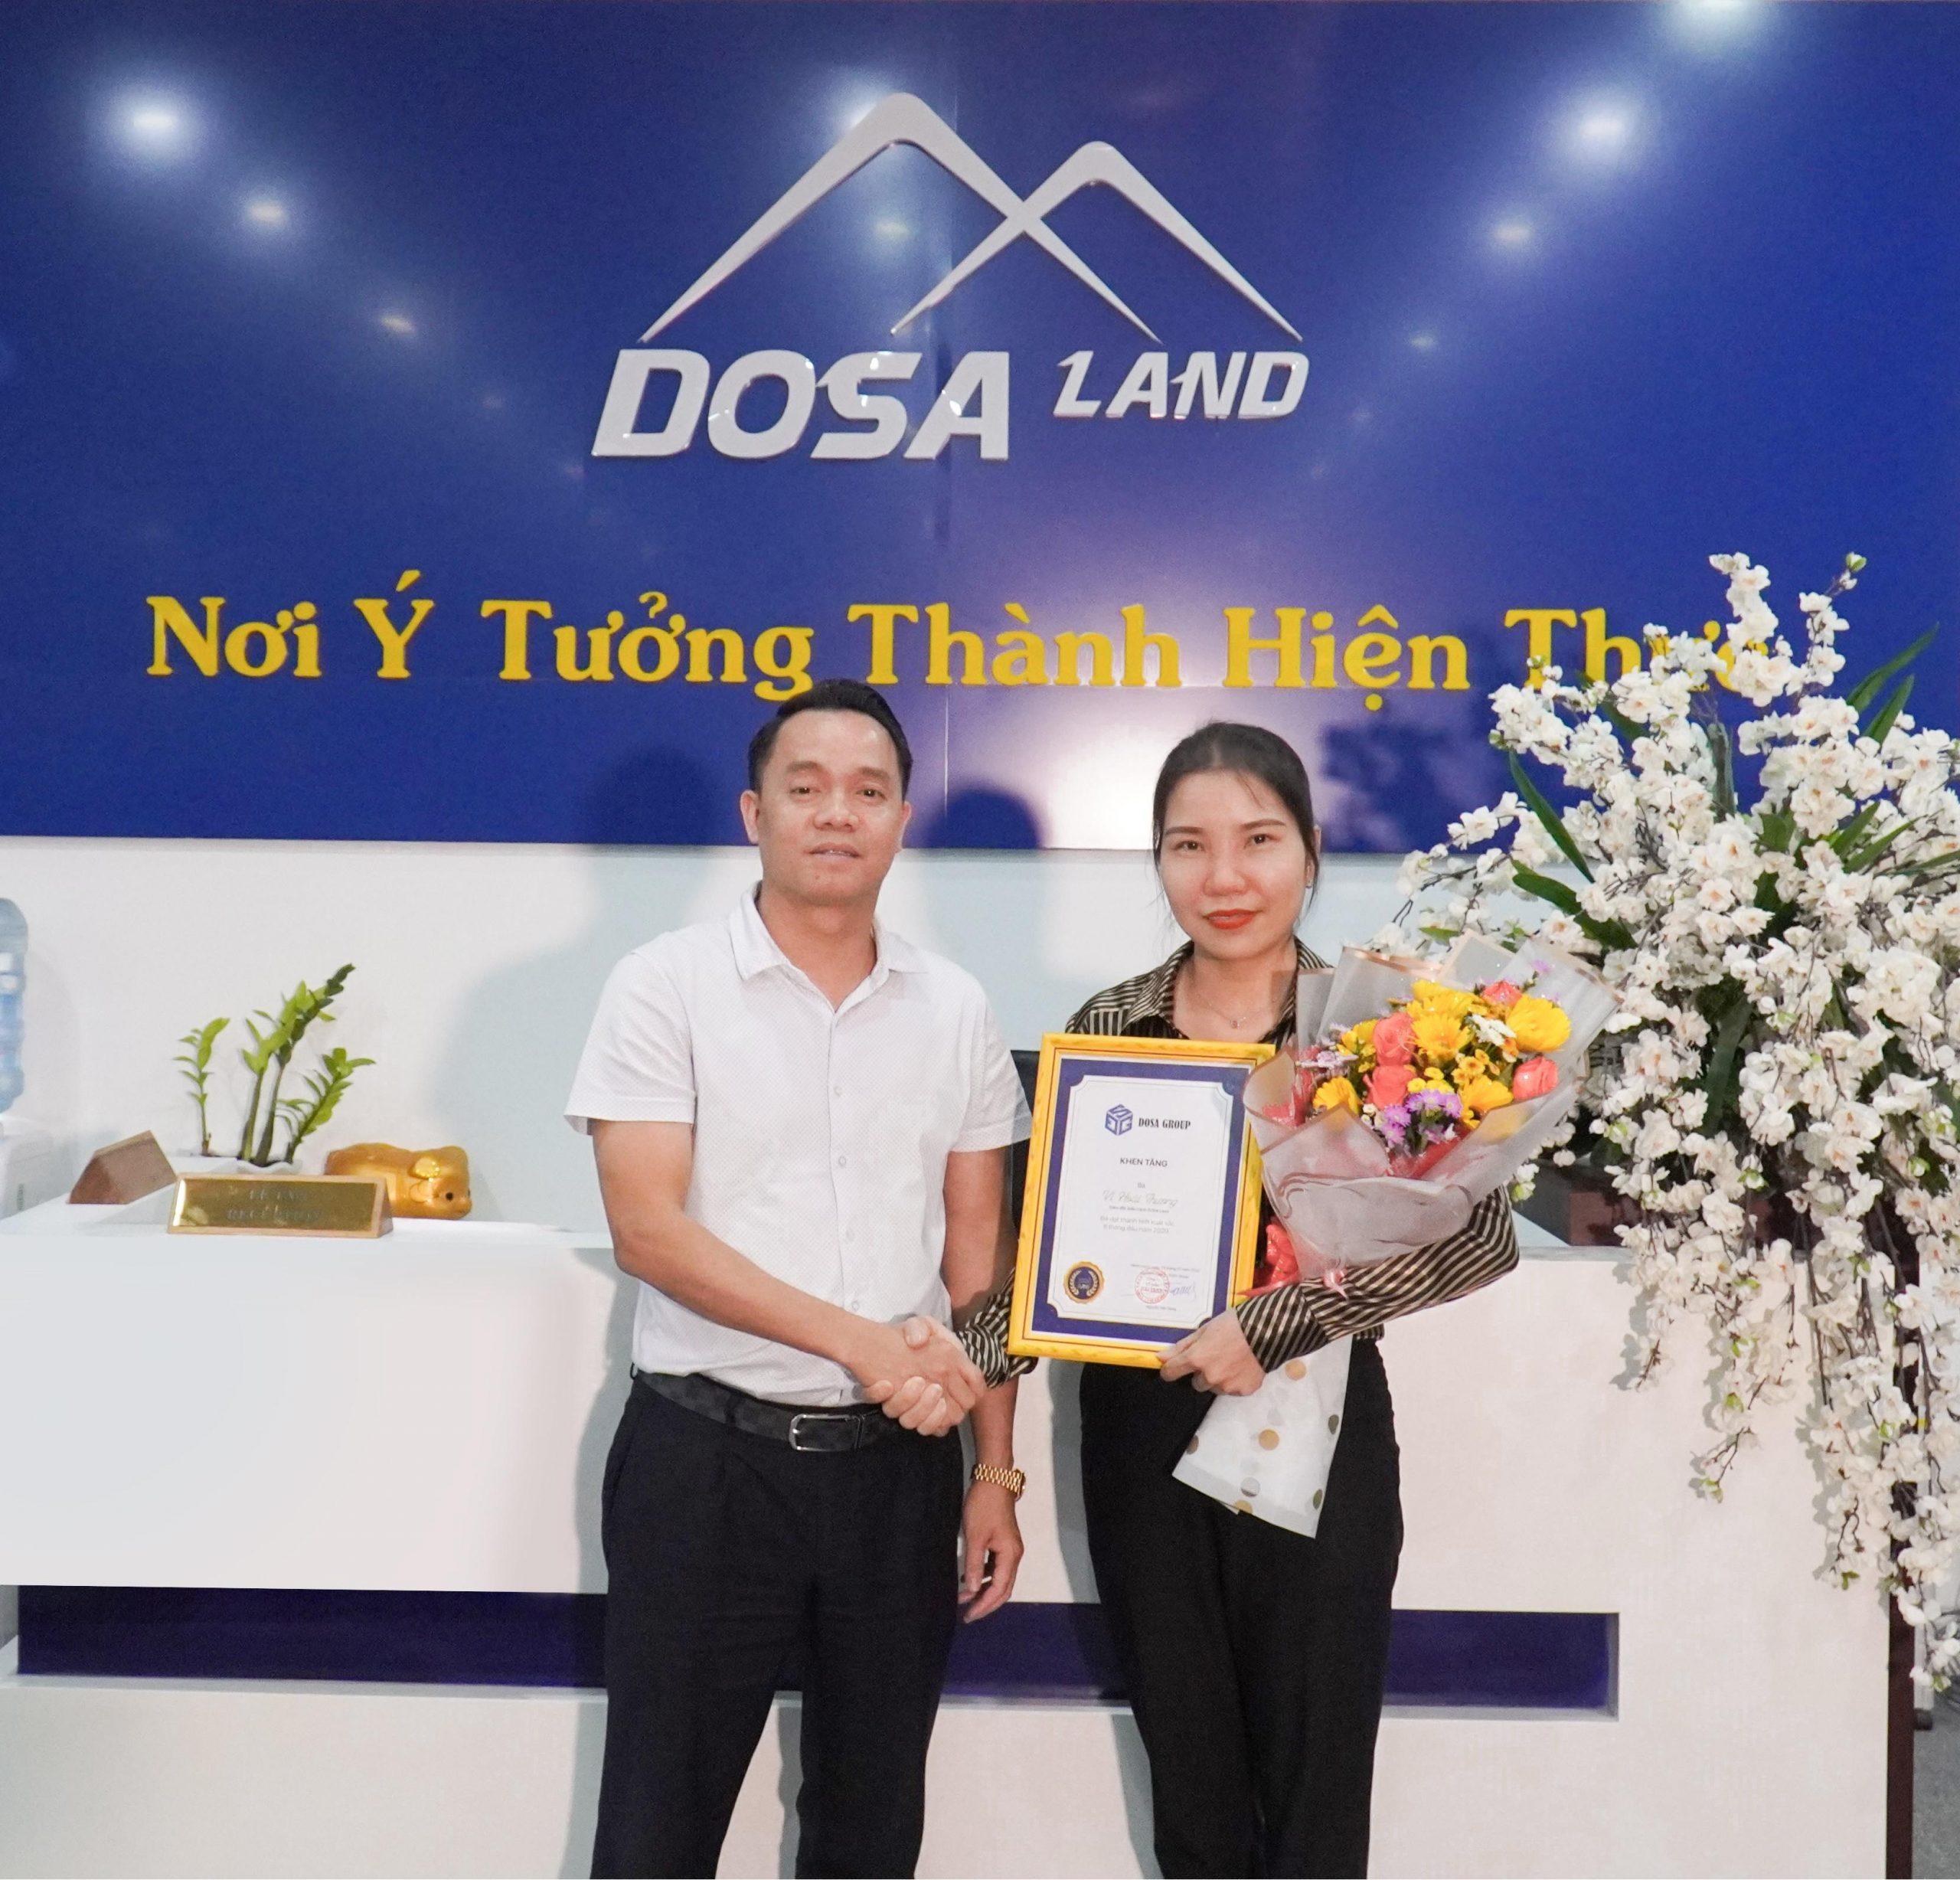 Chủ tịch HĐQT DOSA Group trao hoa và bằng khen cho bà Vi Hoài Thương.